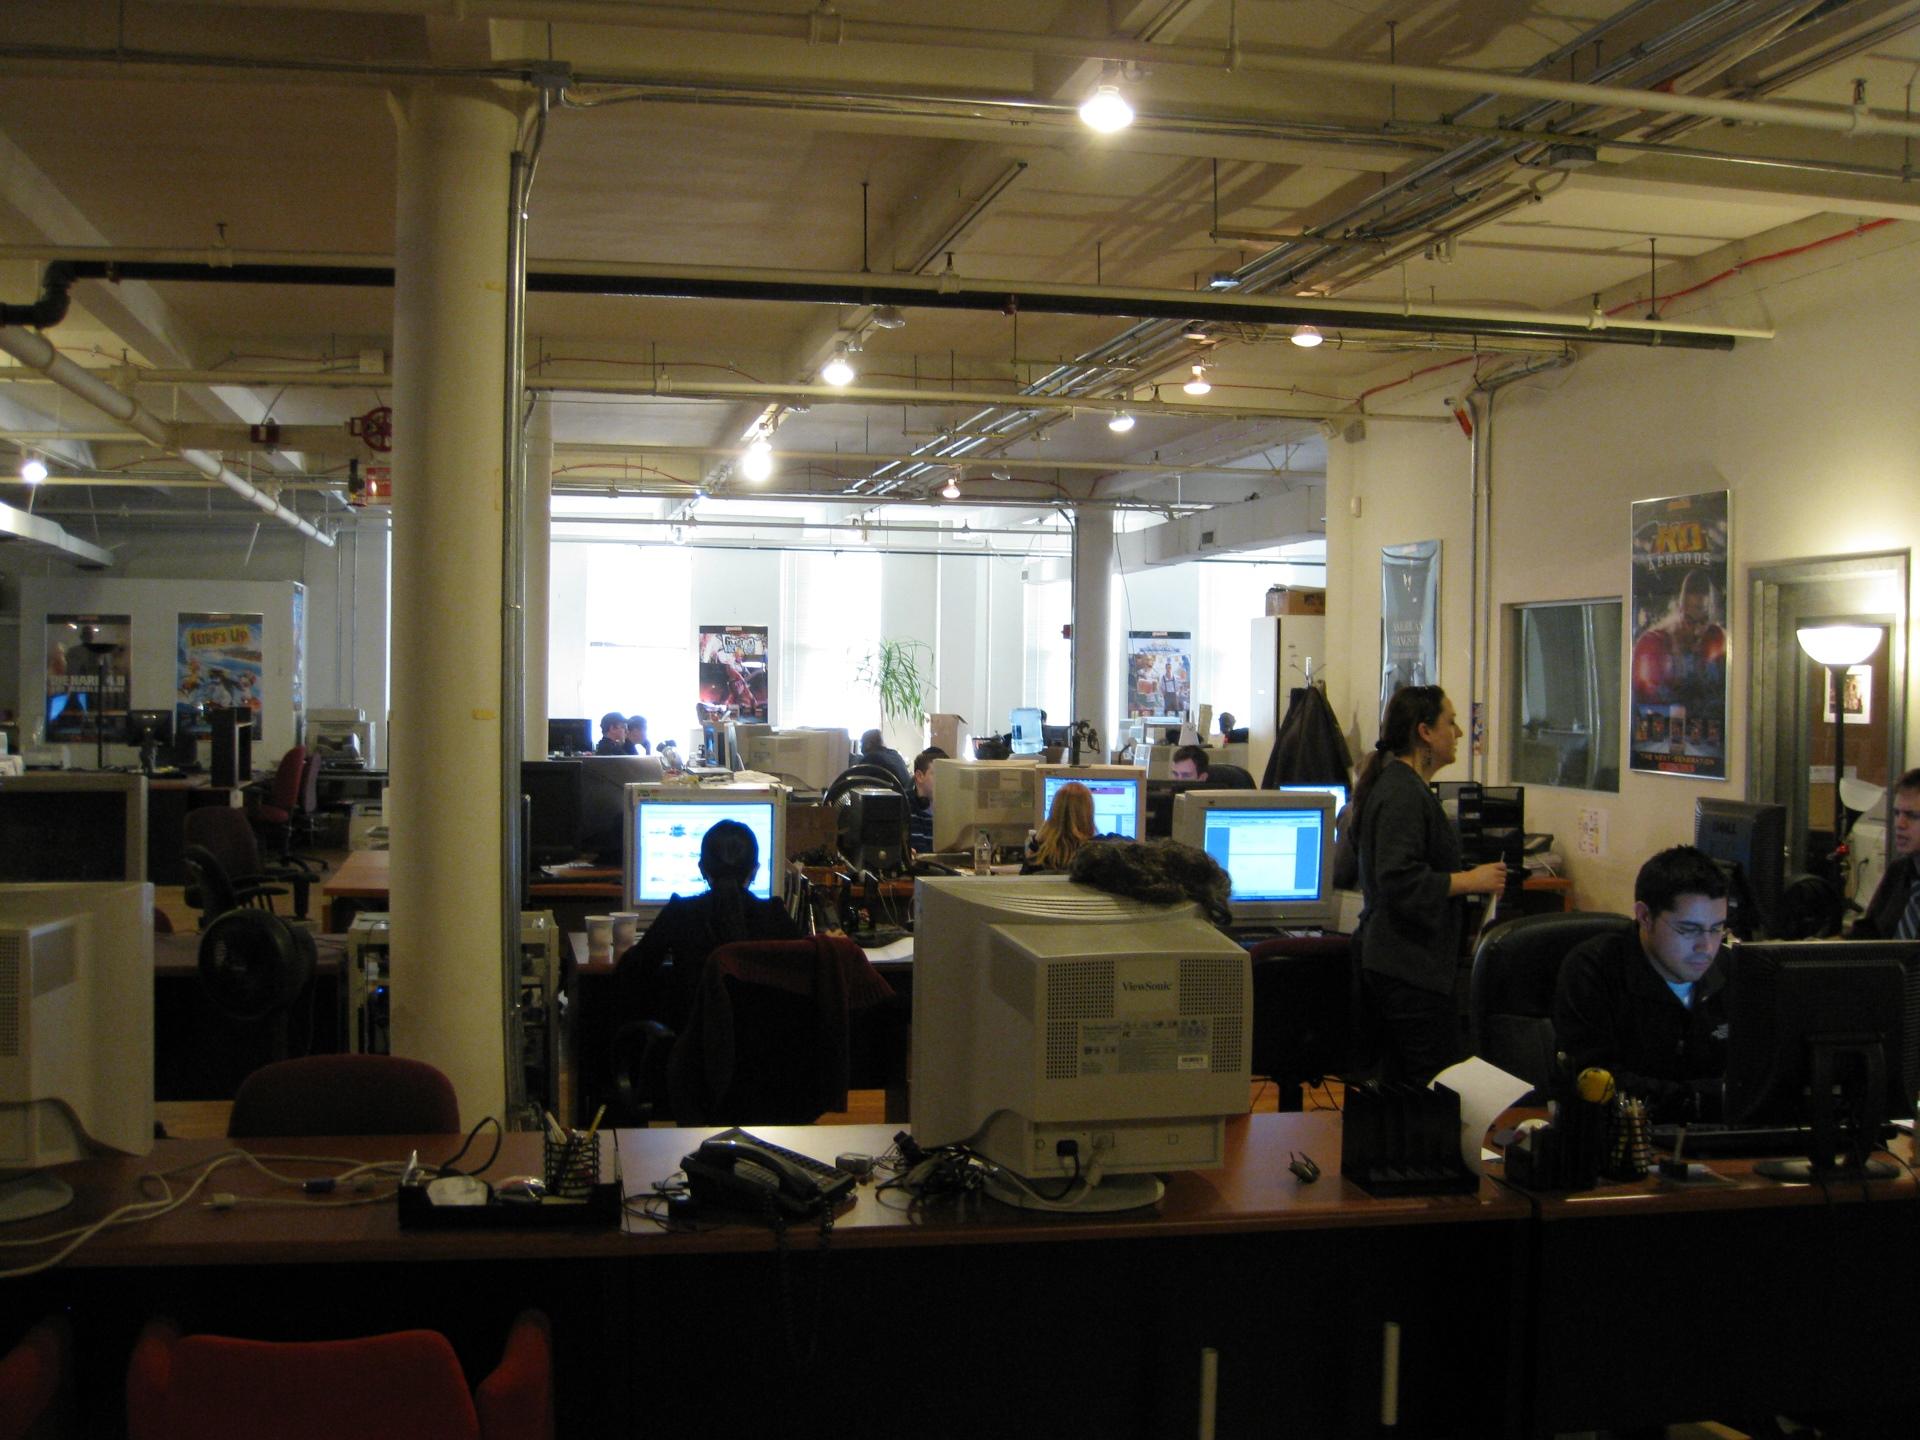 Les bureaux (désormais fermés) de Gameloft à New York en 2009. Photo CC BY Blake Patterson